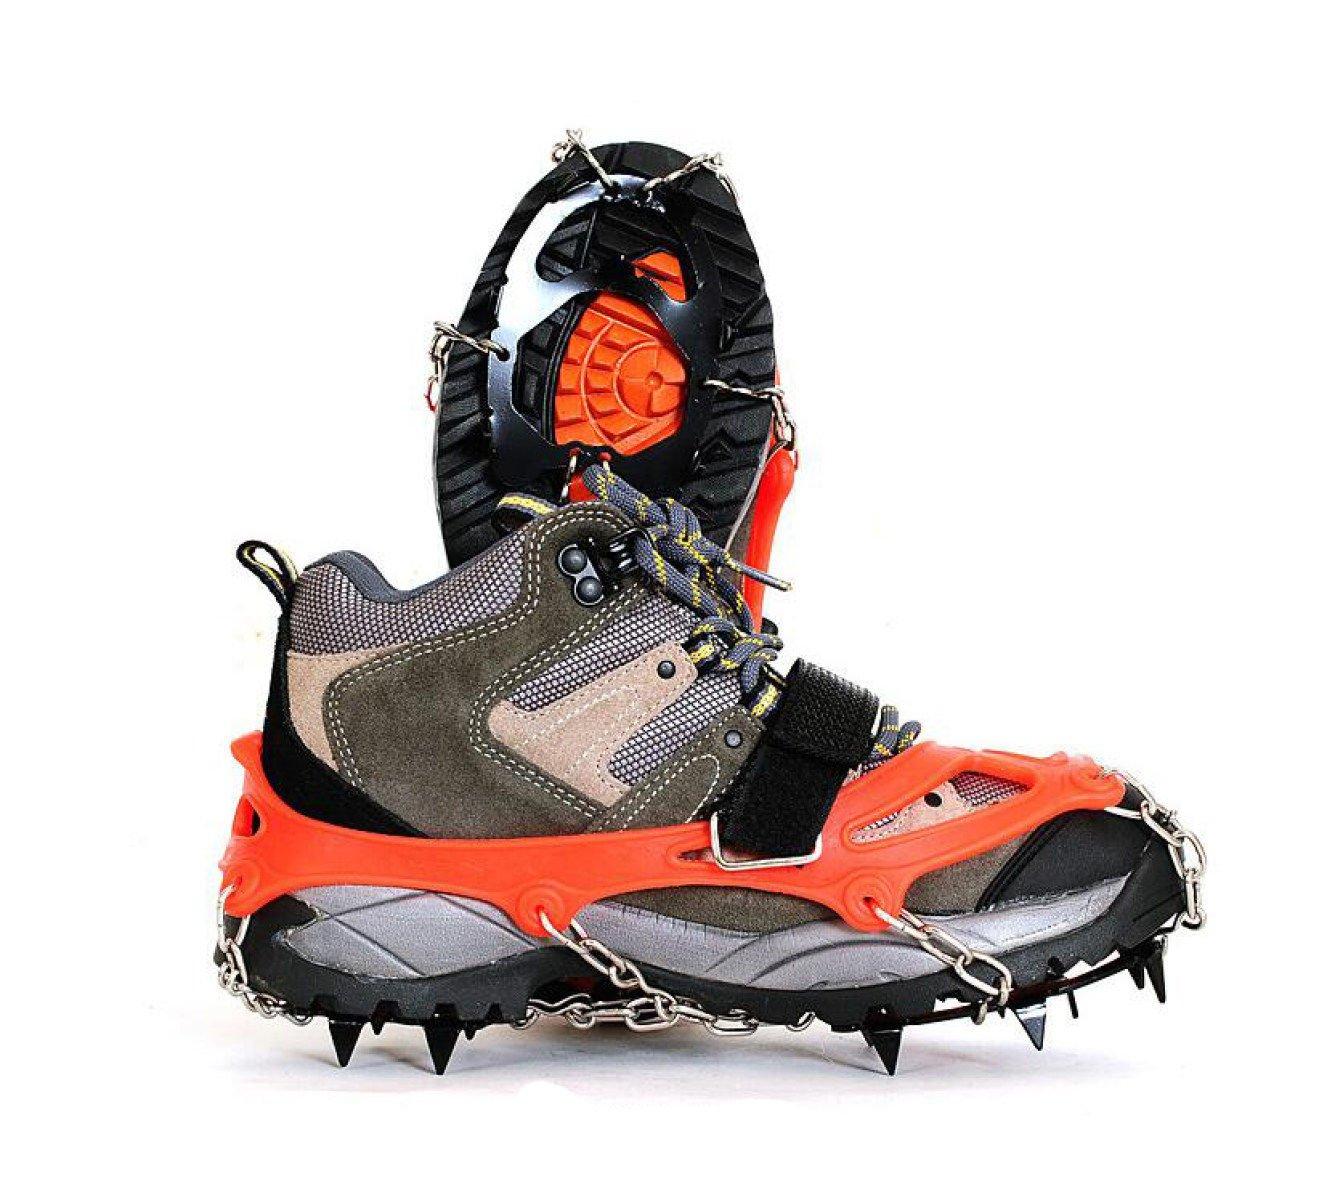 Griffe 12 Zähne Krallen Steigeisen Anti-Rutsch-Universal Stretch Schuhe Abdeckung Edelstahl Kette Outdoor Ski Eis Schnee Wandern Klettern (2 Stück),Orange-M